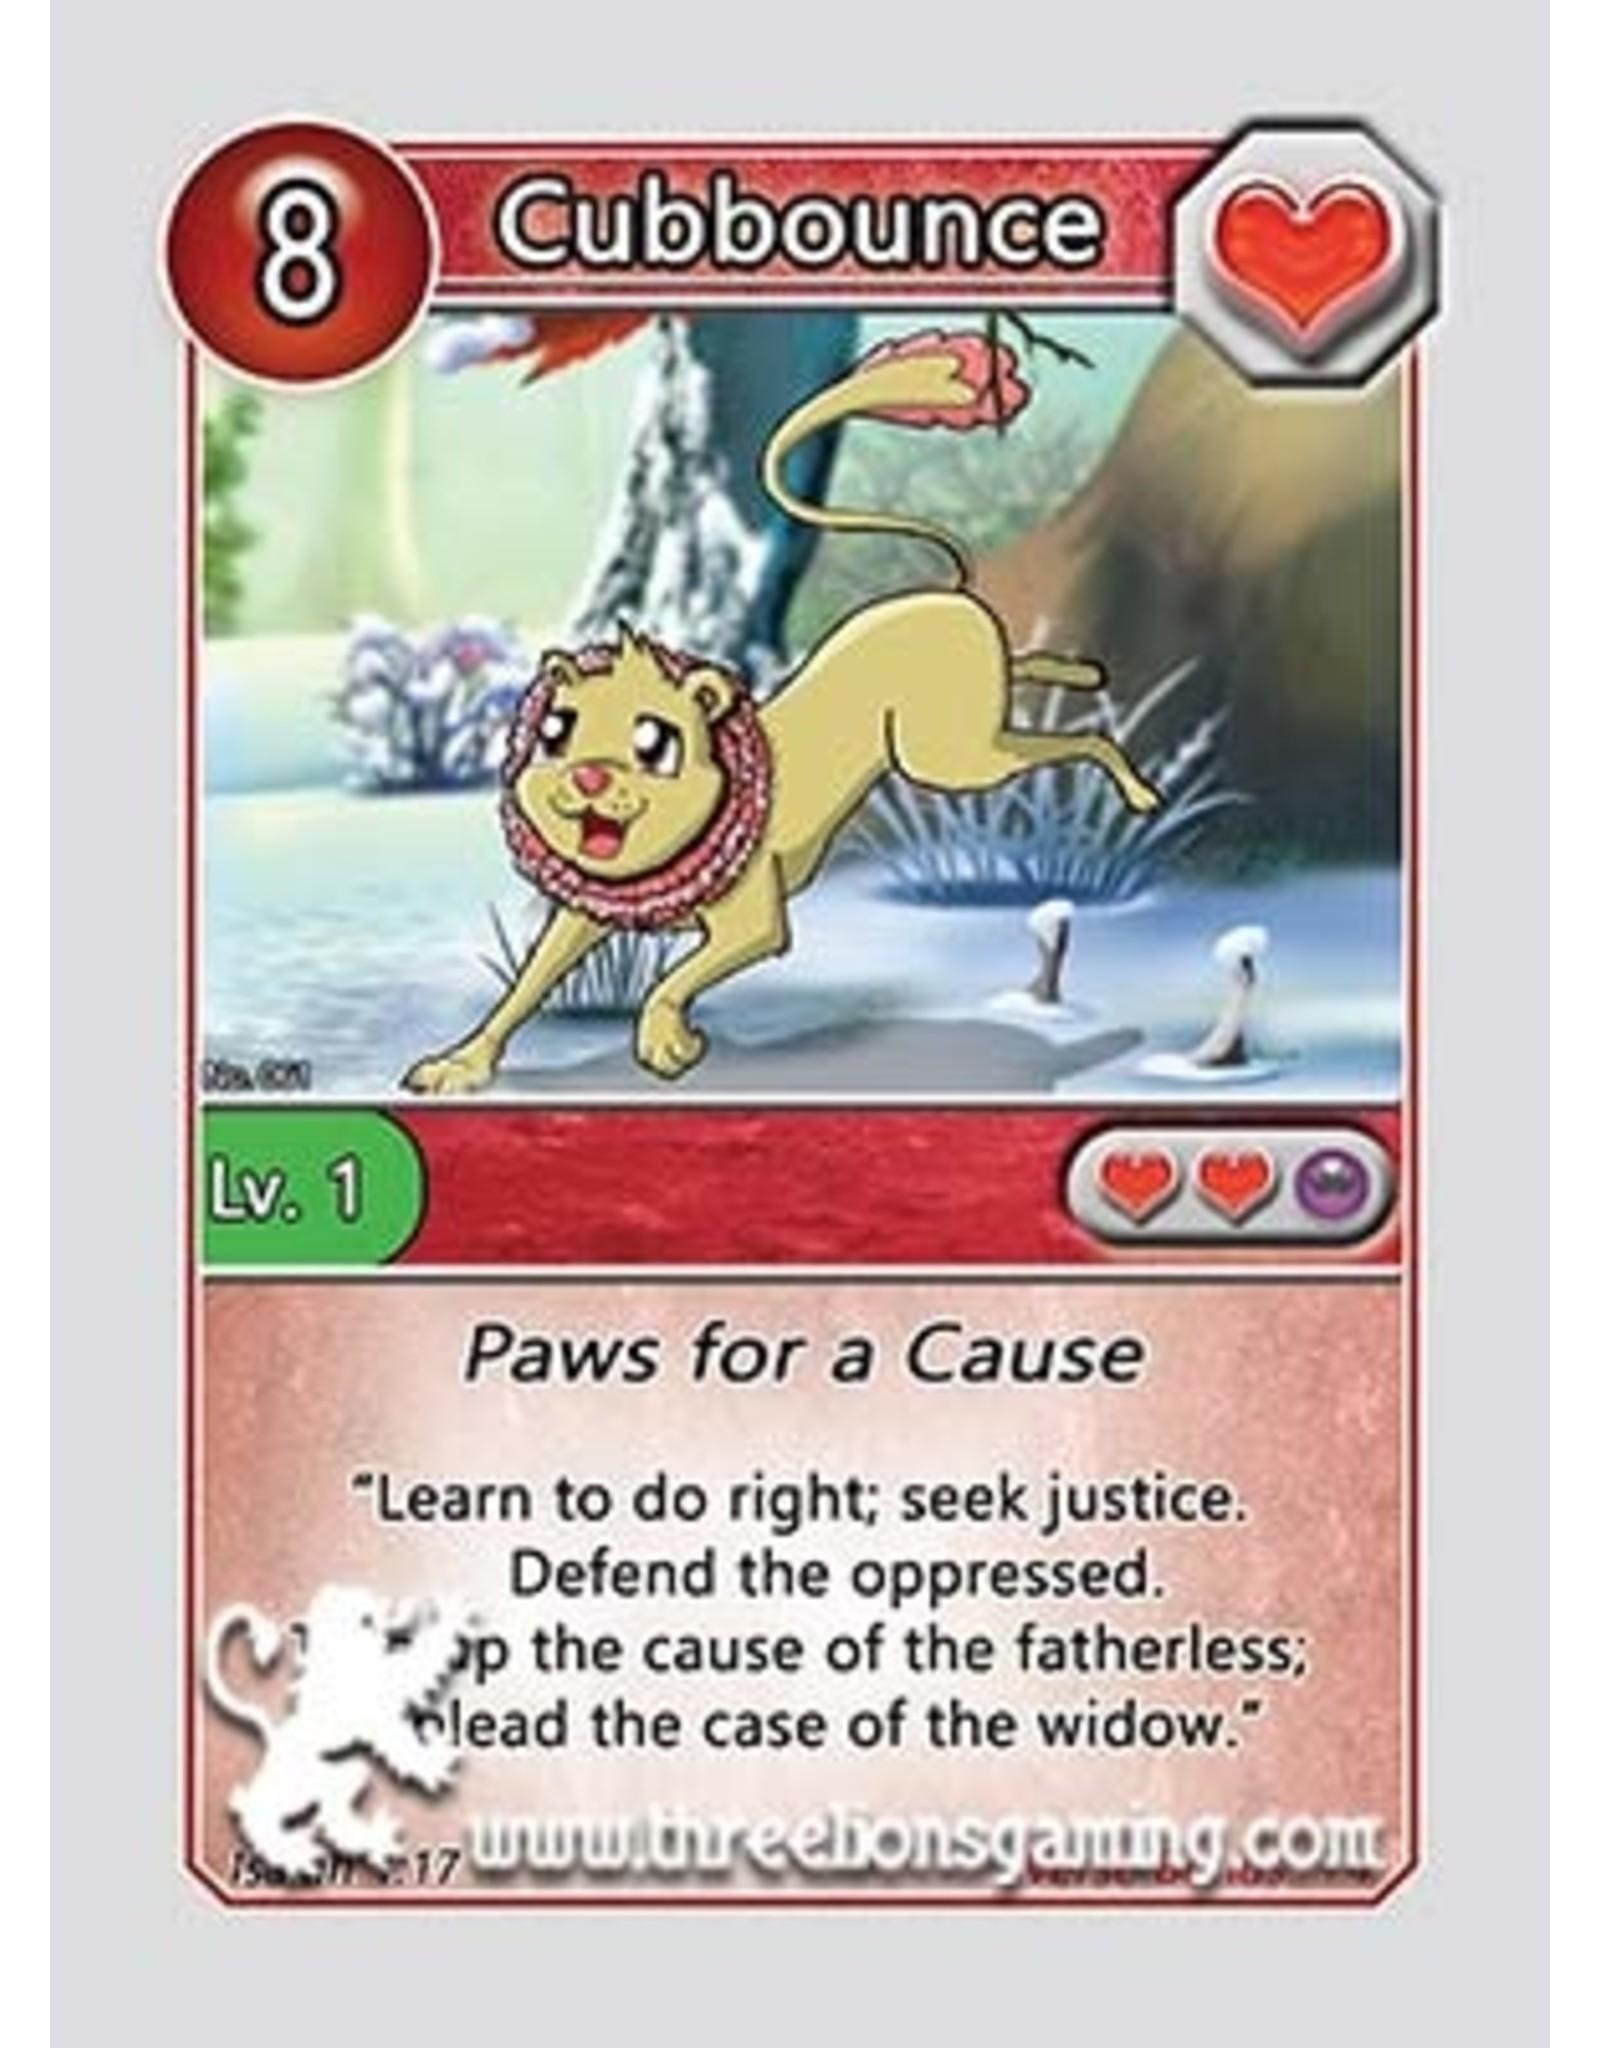 S1: Cubbounce